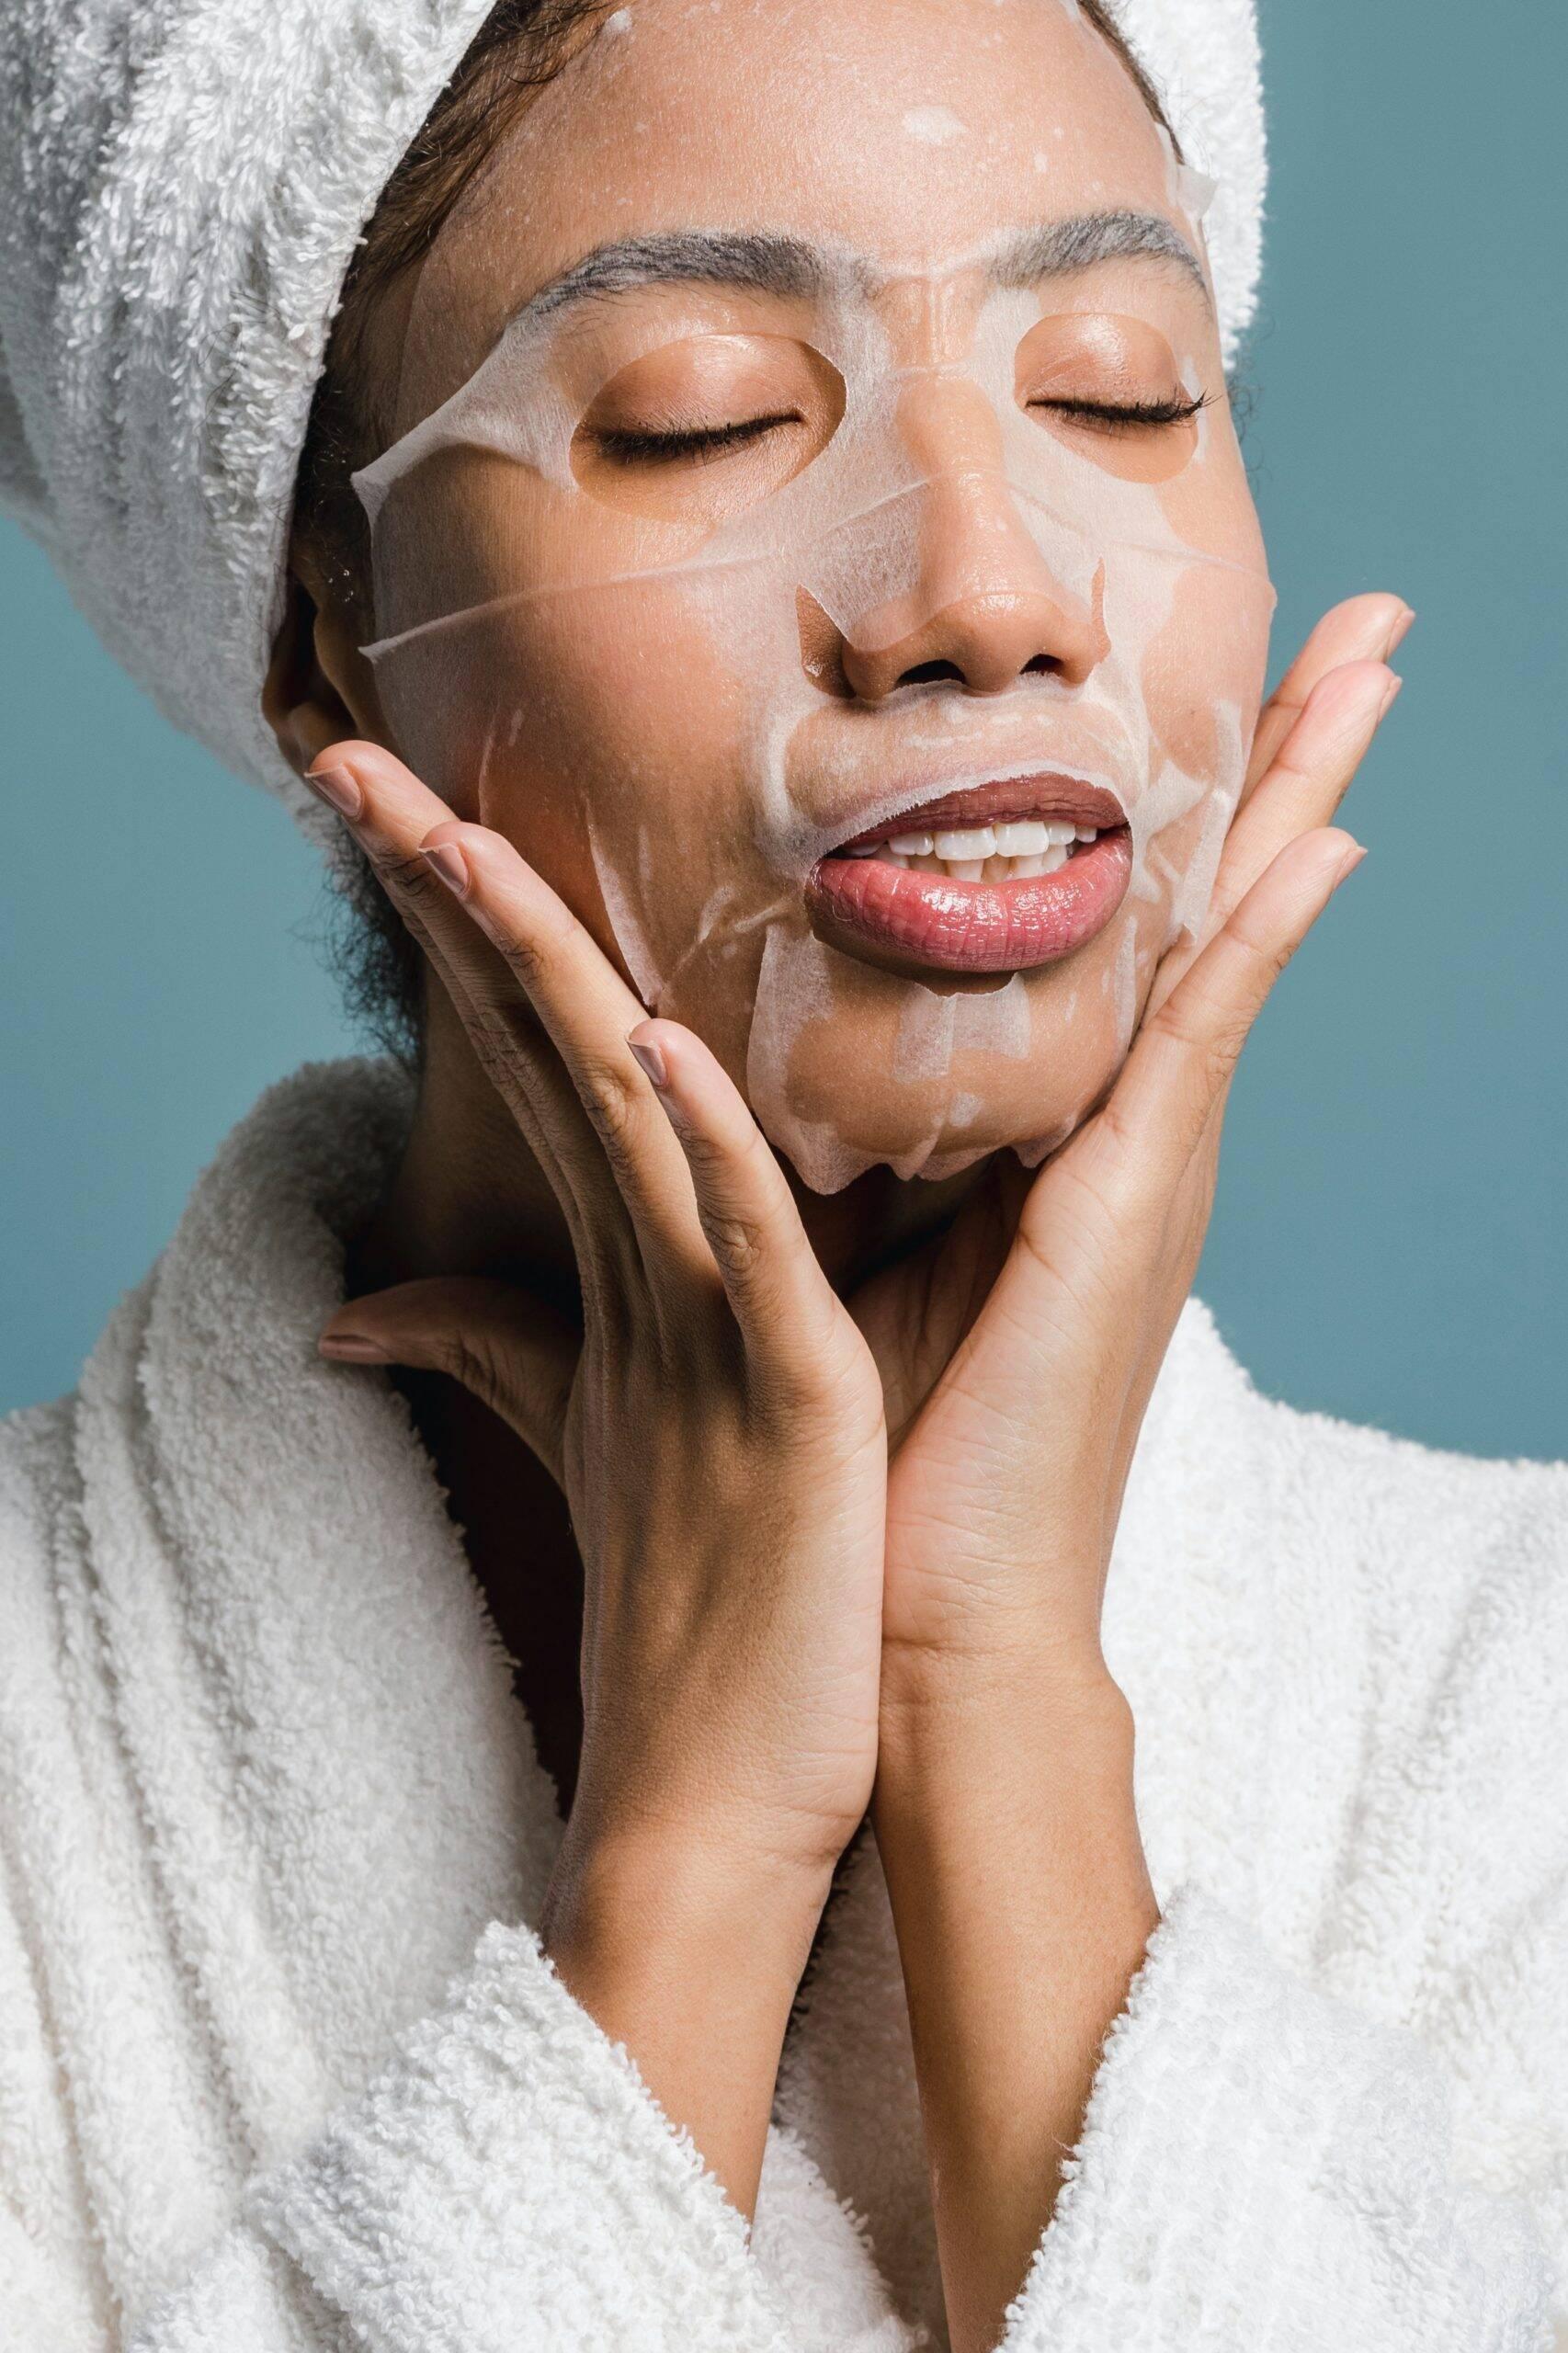 Antes de tomar banho, aplique essa mistura no rosto e tenha bastante cuidado para não esfregar a área dos olhos. (Foto: Pexels)